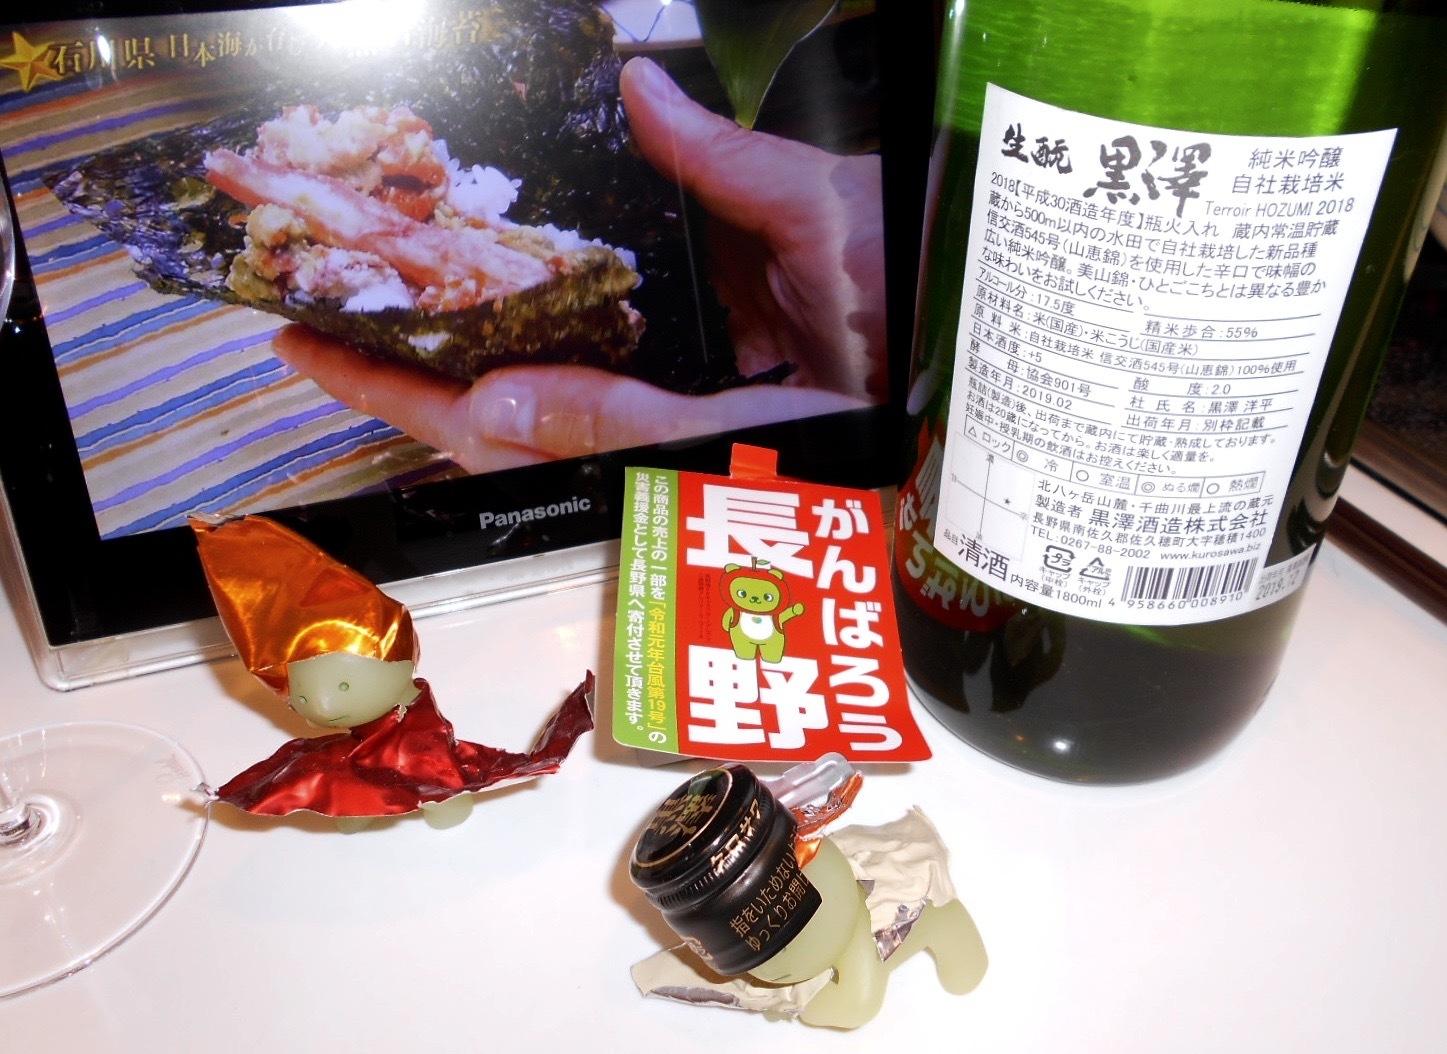 kurosawa_sakeinishiki55_2018by2.jpg